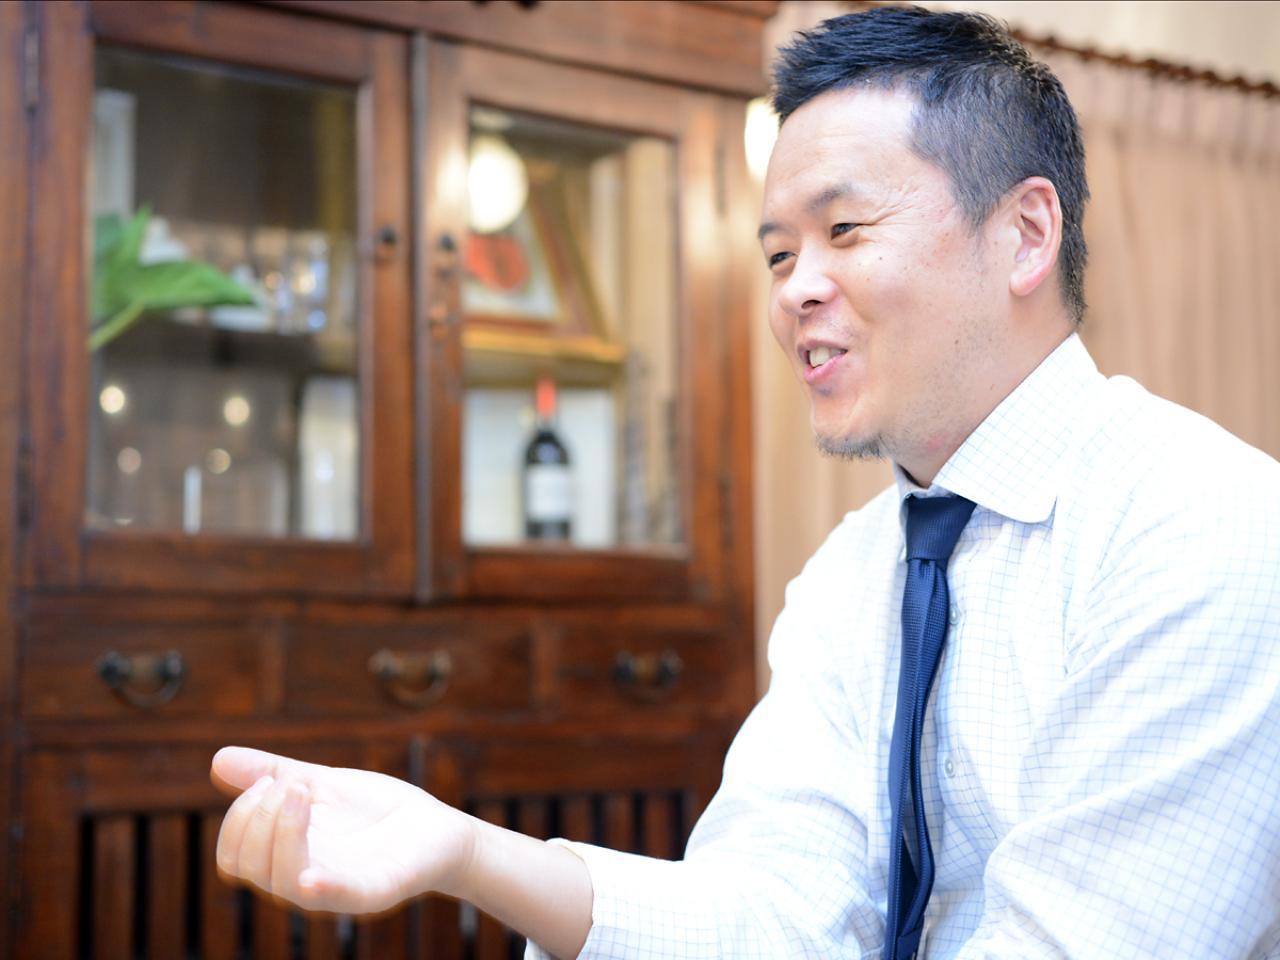 画像: 越路公雄 | Kimio KOSHIJI 用賀アーバンクリニック事務長。東京大学経済学部卒業後、株式会社オースビーにてコンピュータプログラム開発・システム要件定義を経験。顧客企業IT部門の業務効率化や品質改善、メンバーマネジメントに携わる。当事者意識をもち医療機関の課題を解決していく姿勢に共感し現職に。大学時代は、応援部一色の生活だった。 mediva.co.jp